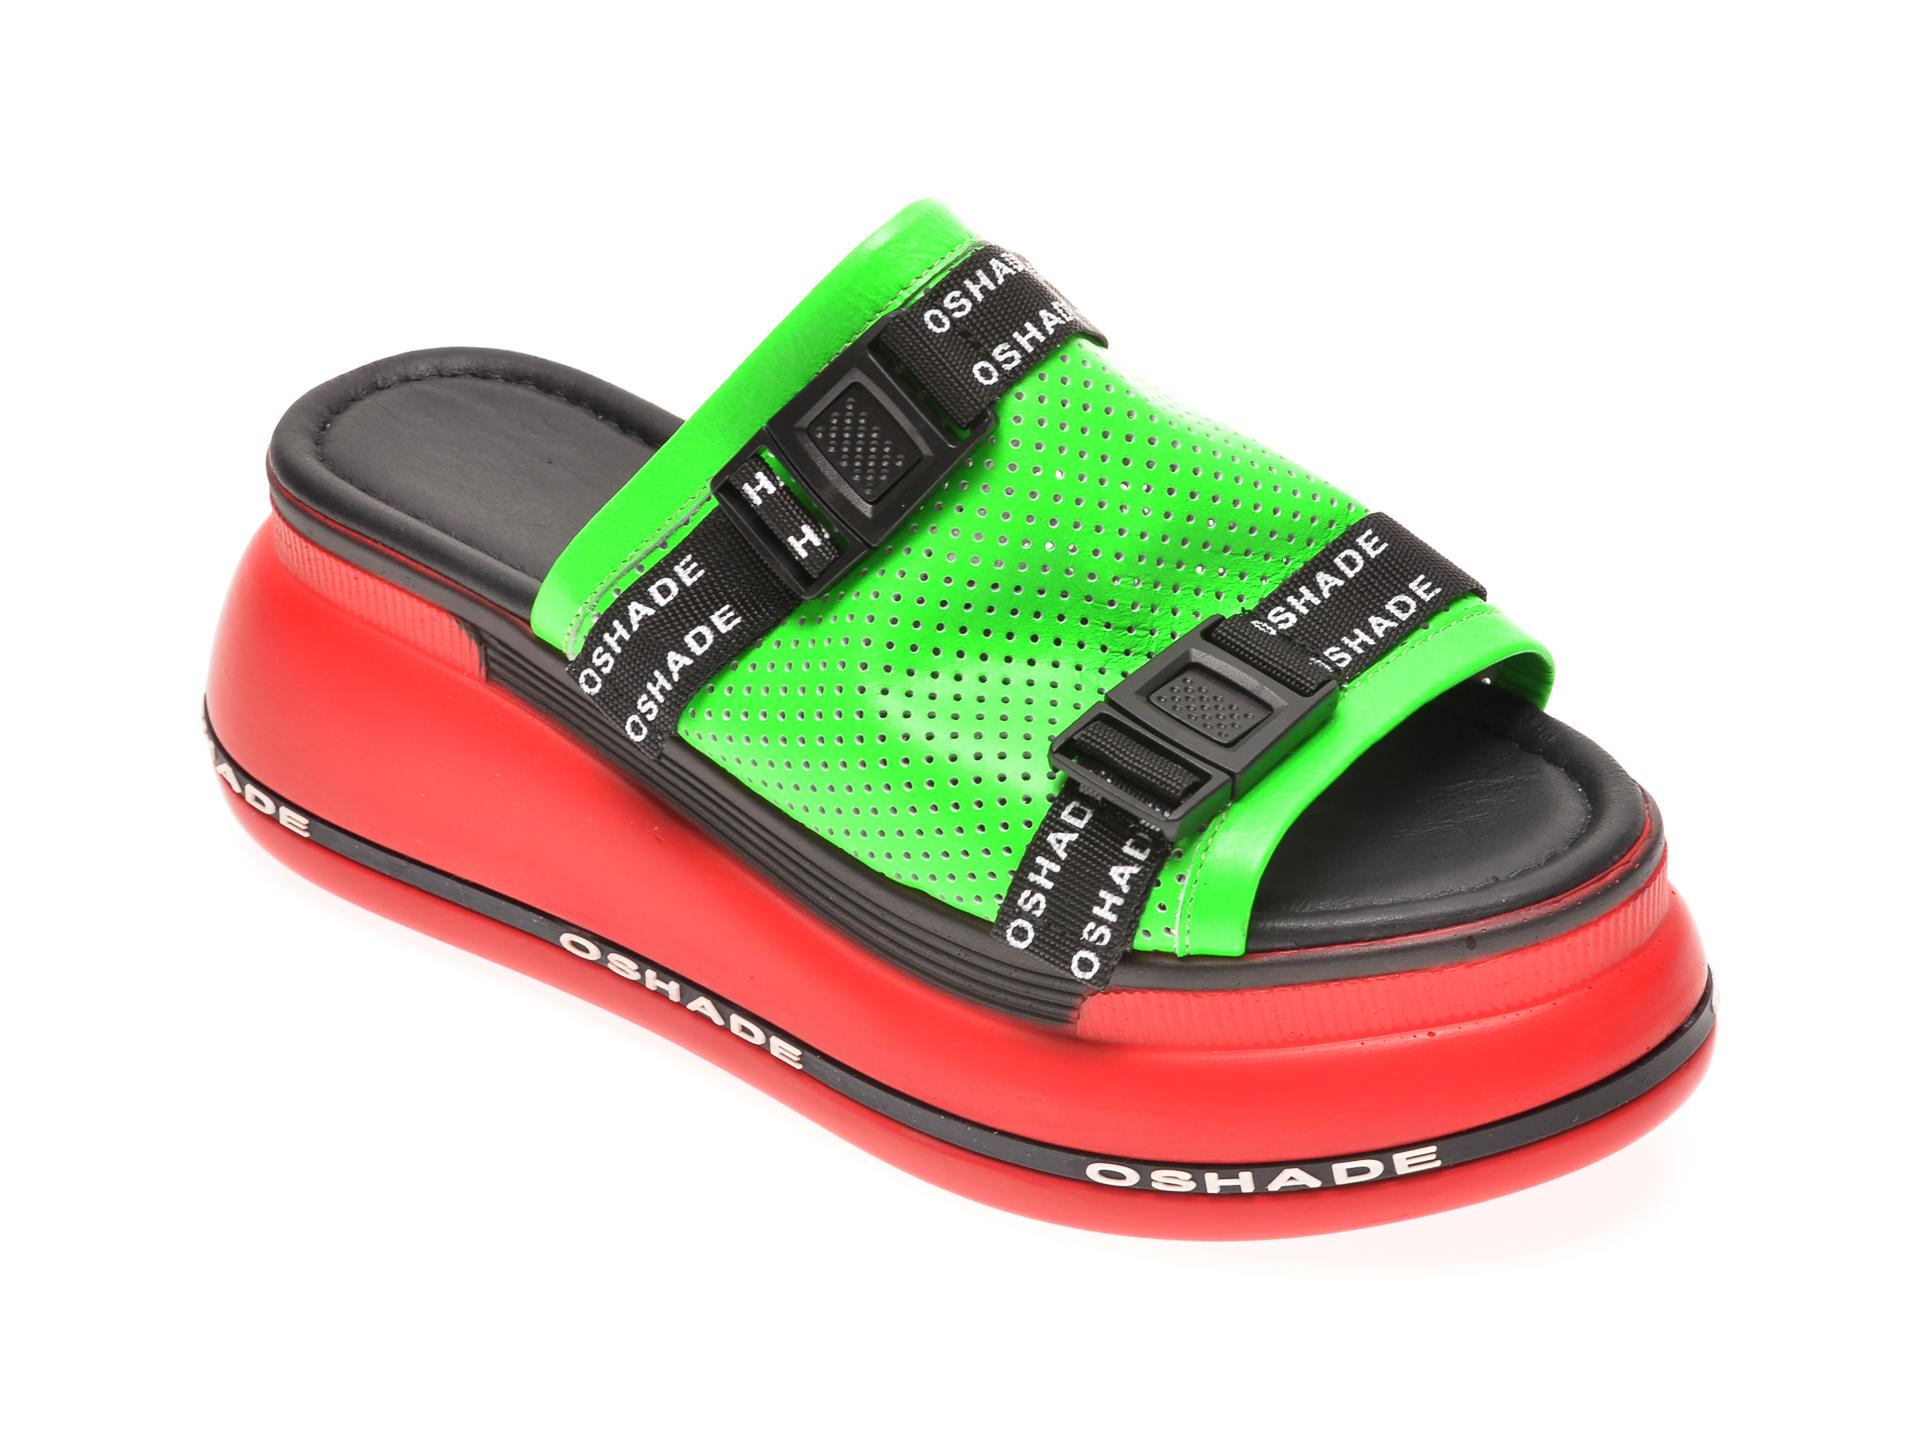 Papuci MISS LIZA verzi, 1182534, din piele naturala New